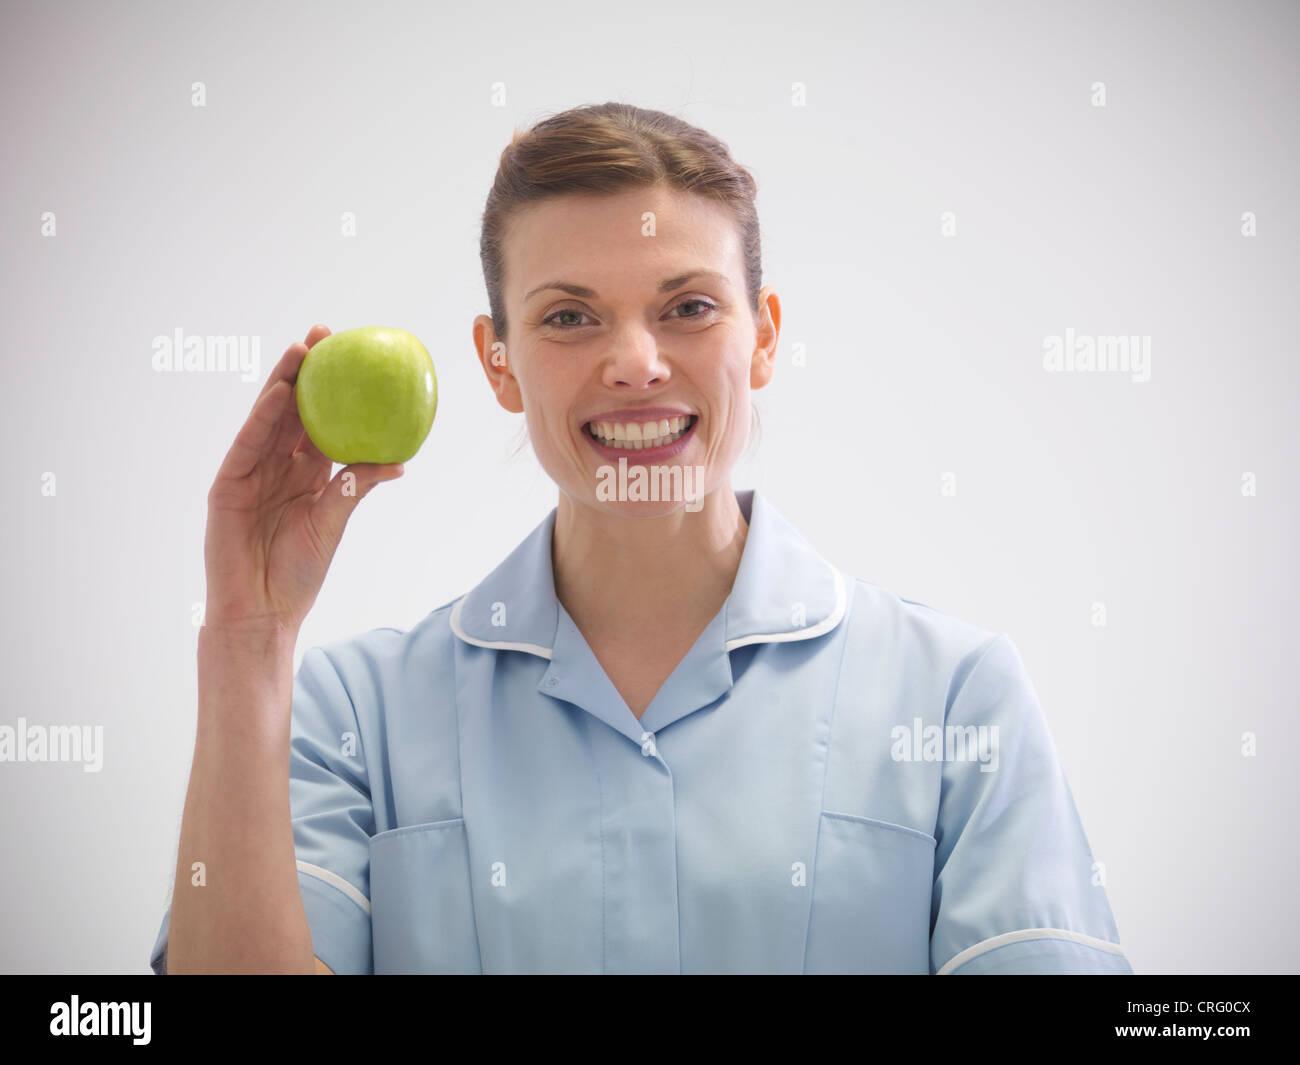 Dentiste Smiling holding apple Photo Stock